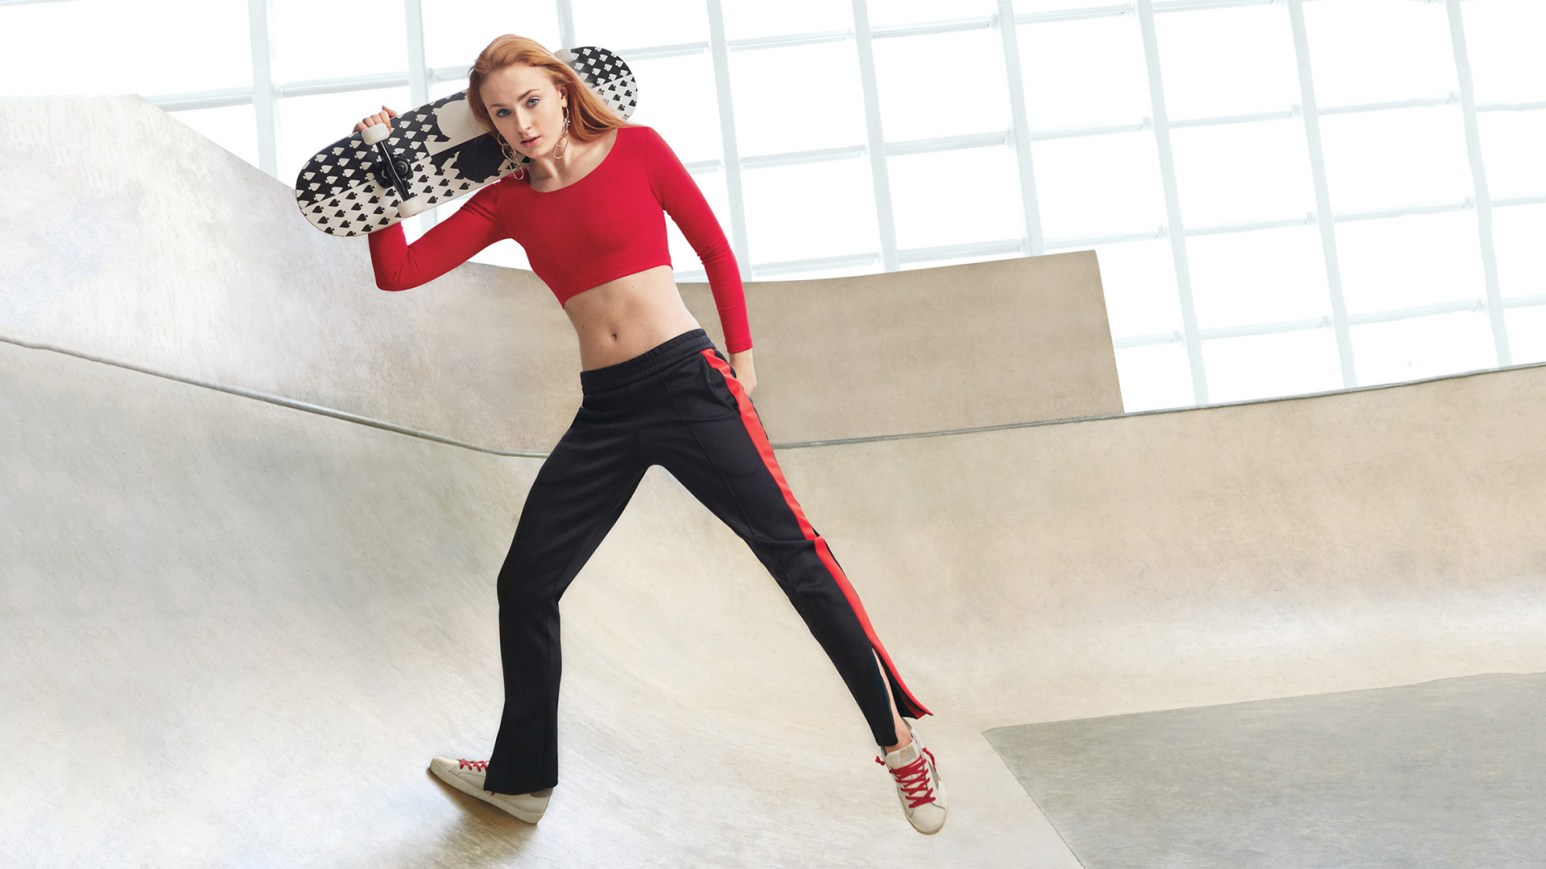 Sophie Tuner is a hardcore skater gurrrrrl